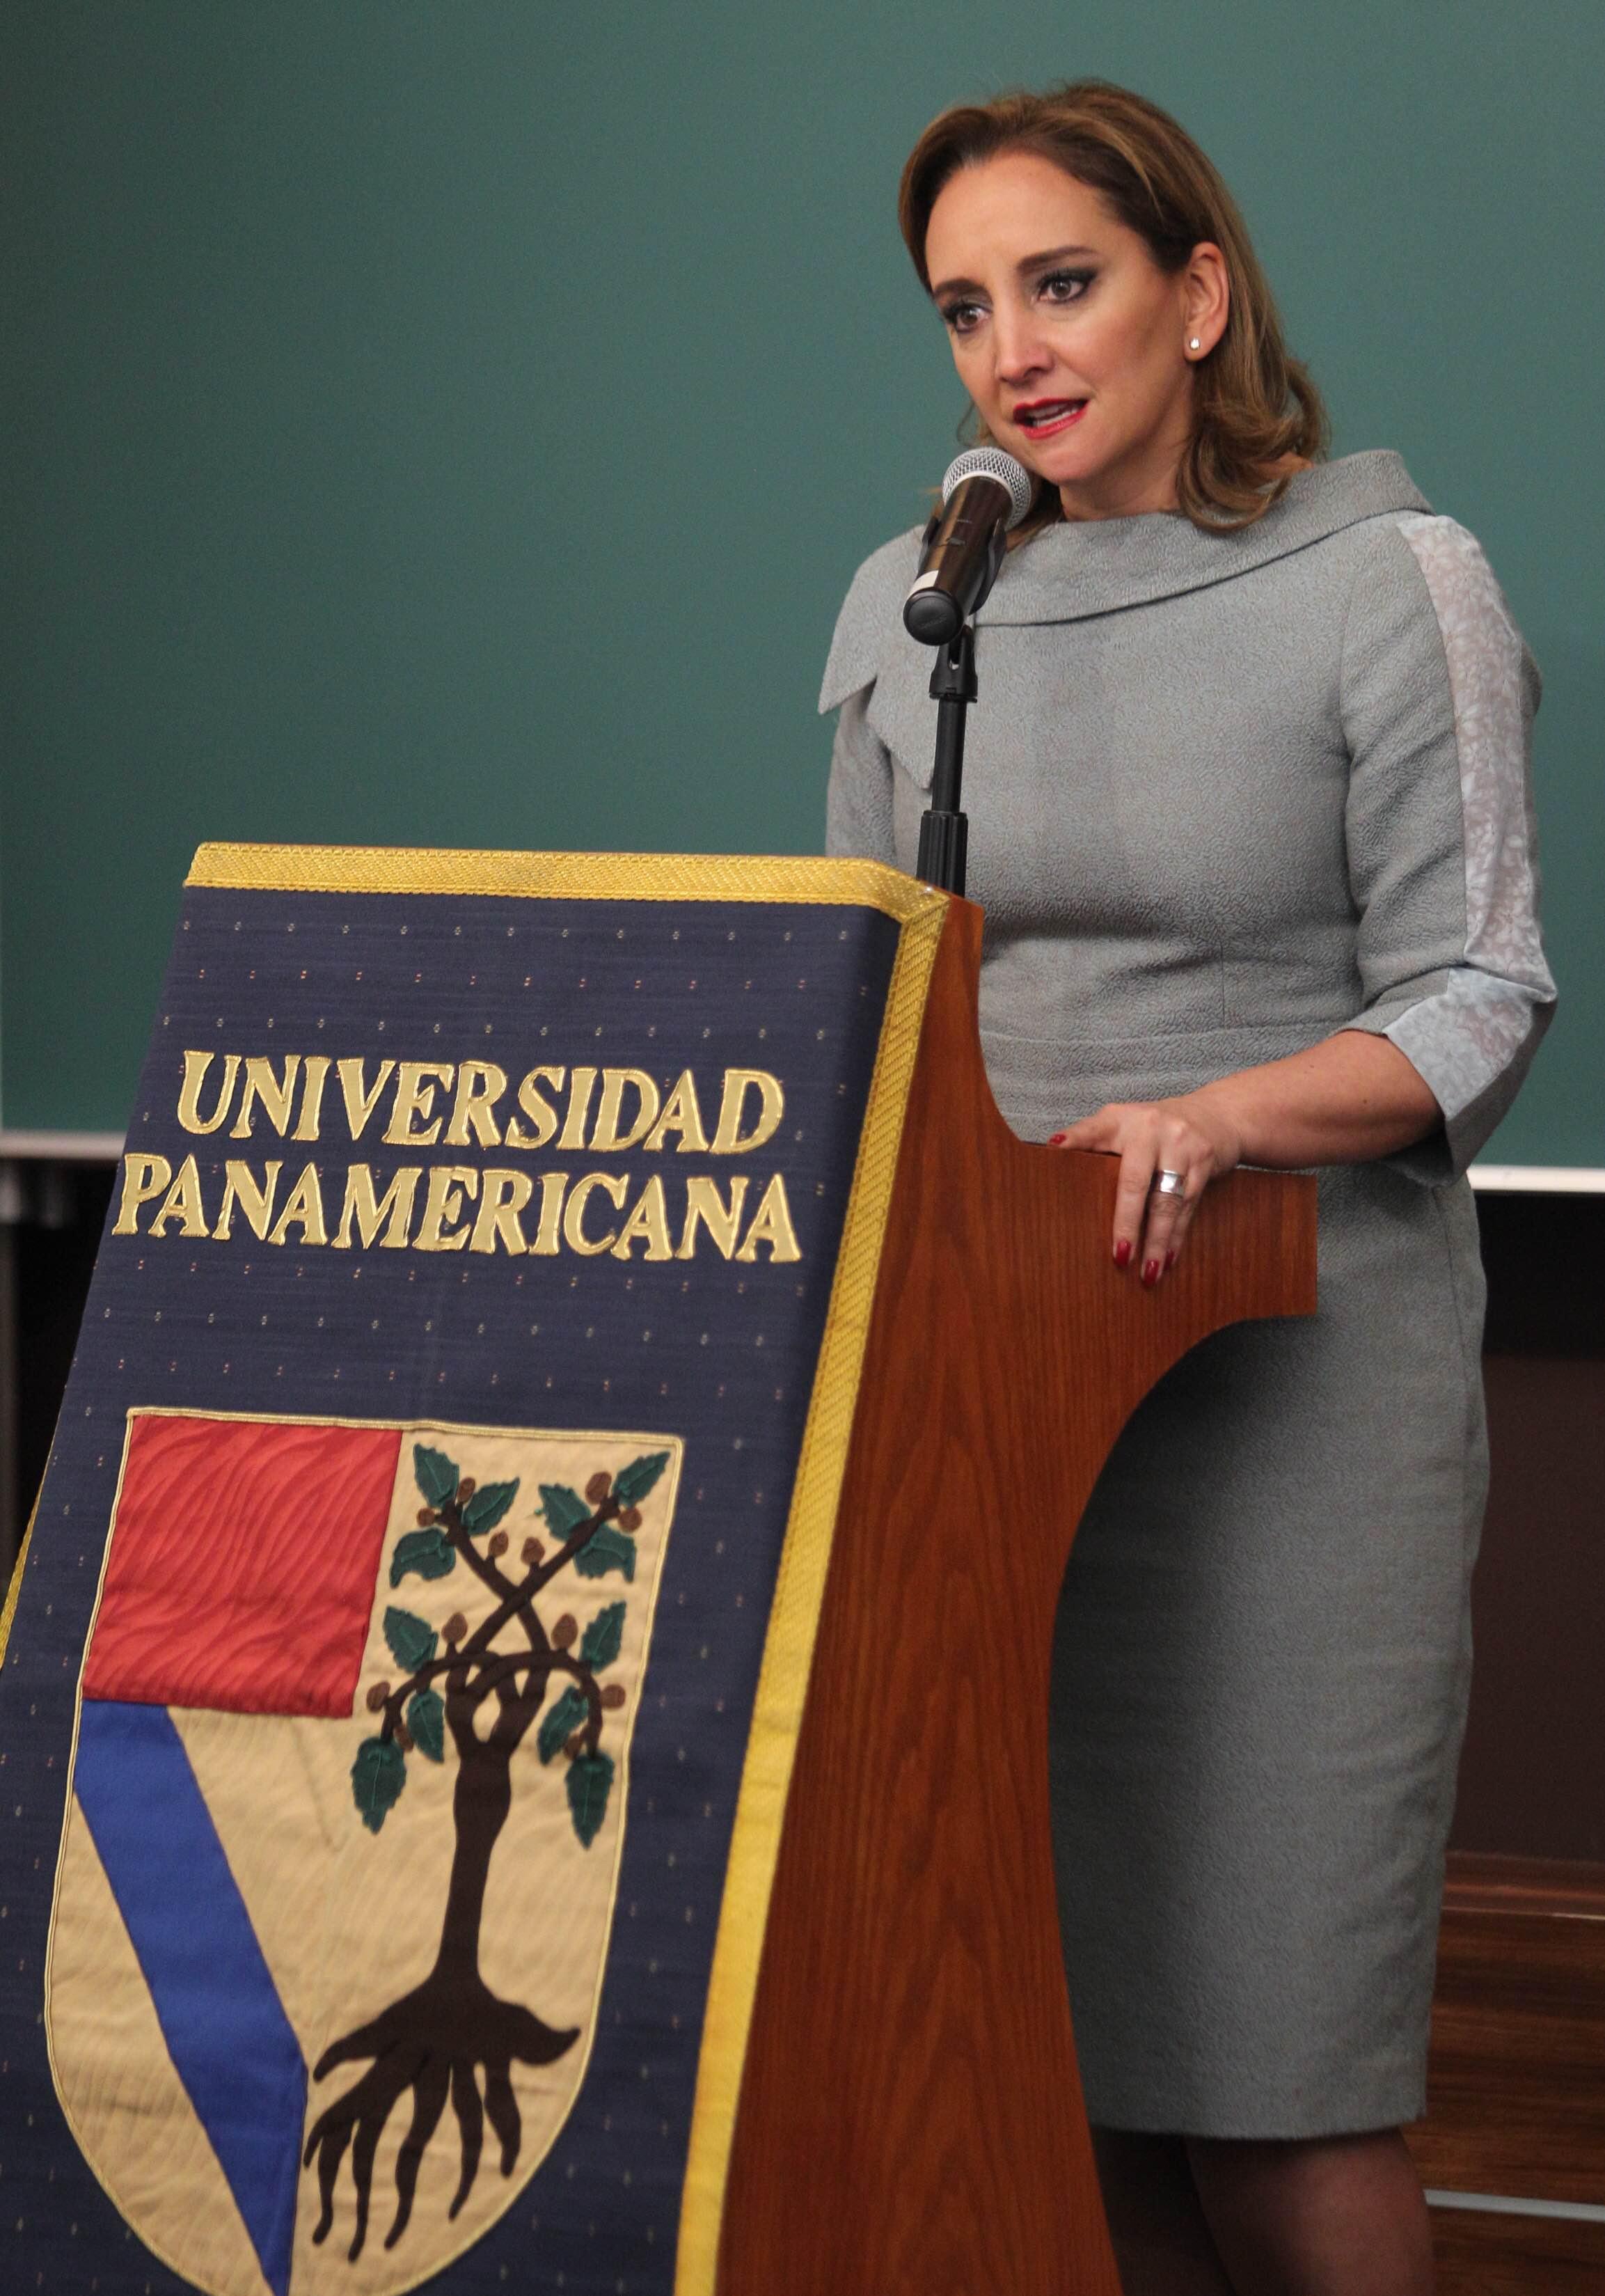 La diplomacia mexicana entrega resultados concretos y tangibles para los mexicanos